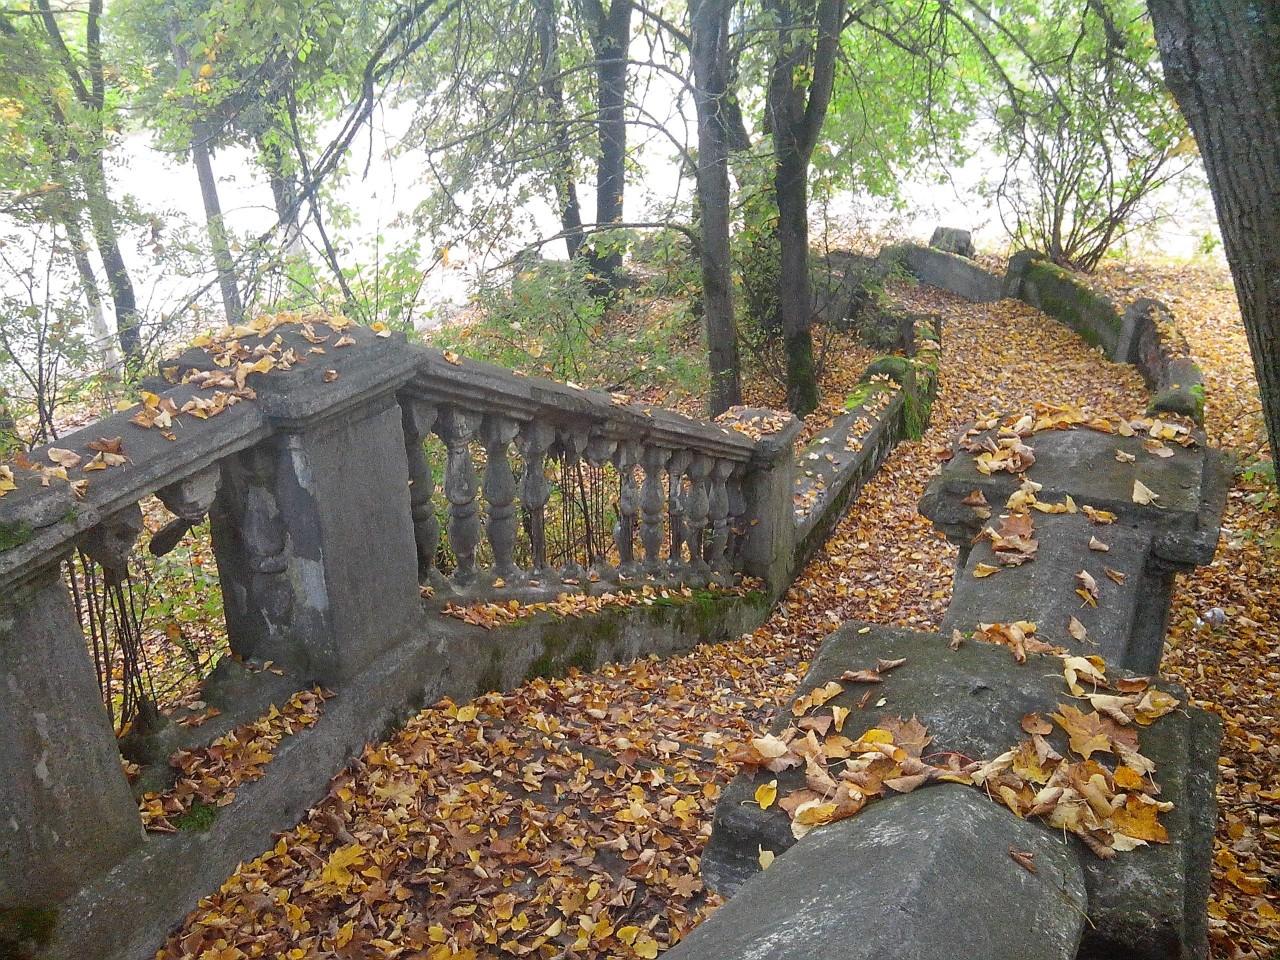 Лестница в Пушкинских горах заброшенное, красиво, мир без людей, природа берет свое, фото, цивилизация